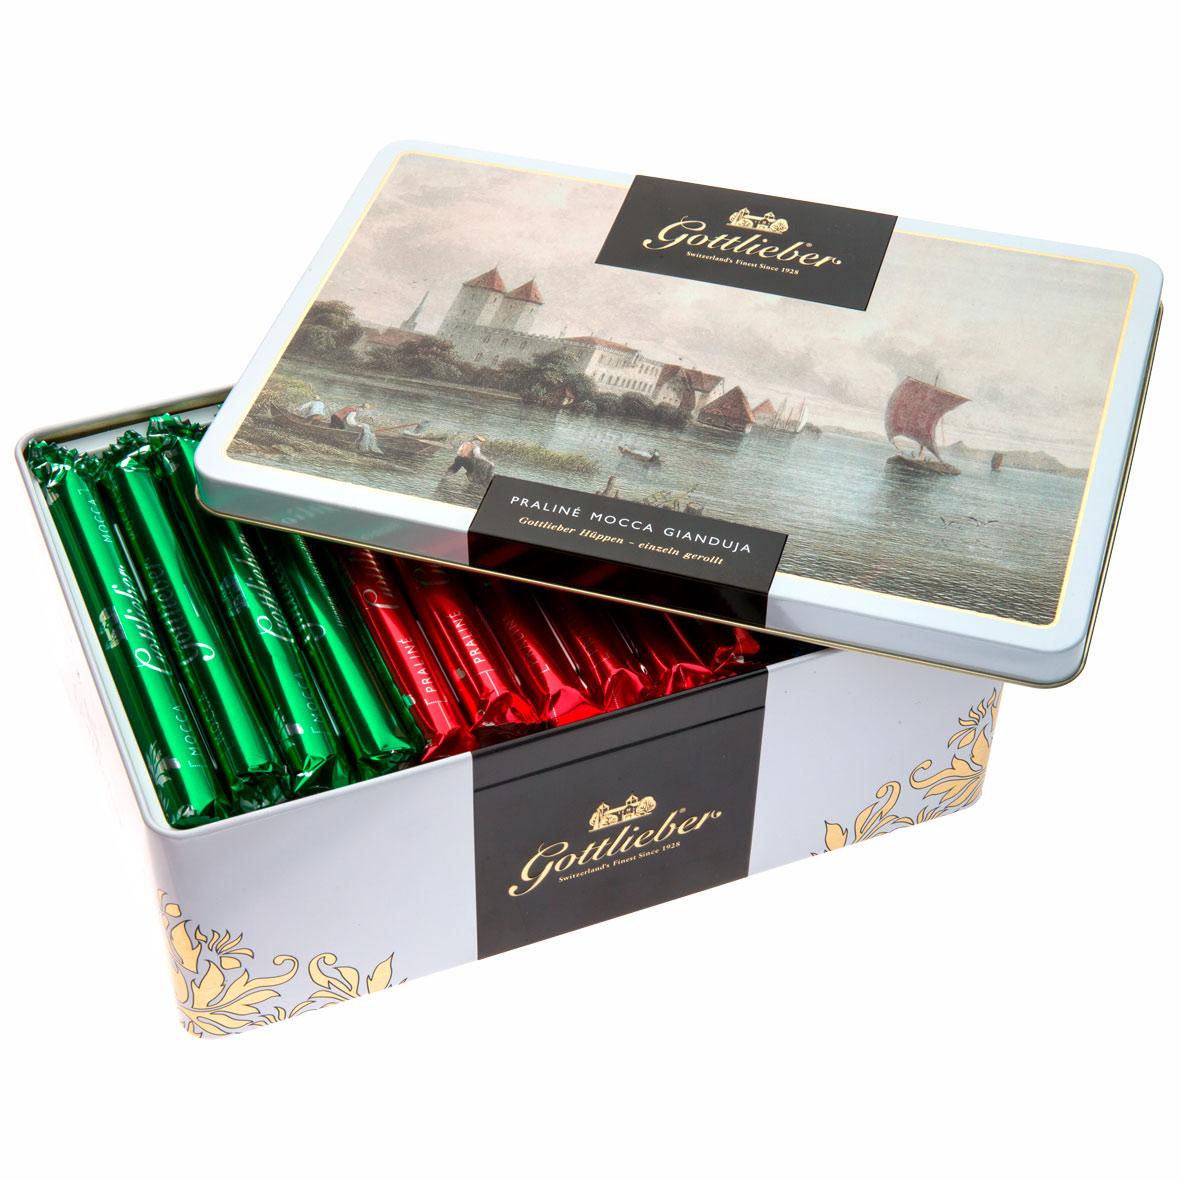 Gottlieber Schokolade Hüppen Geschenkdose